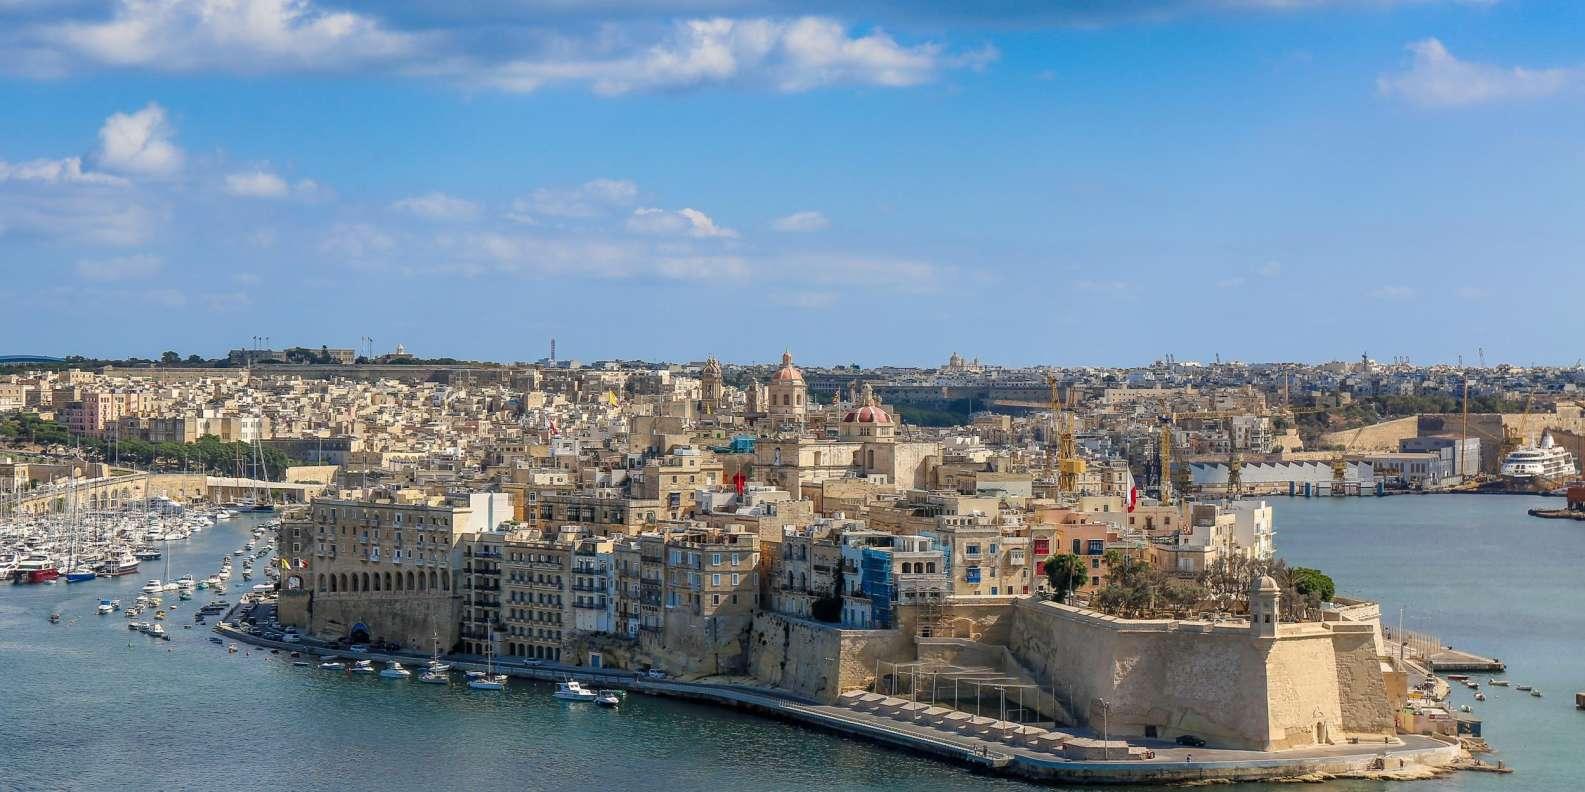 Malta: Stadtrundgang durch Valletta